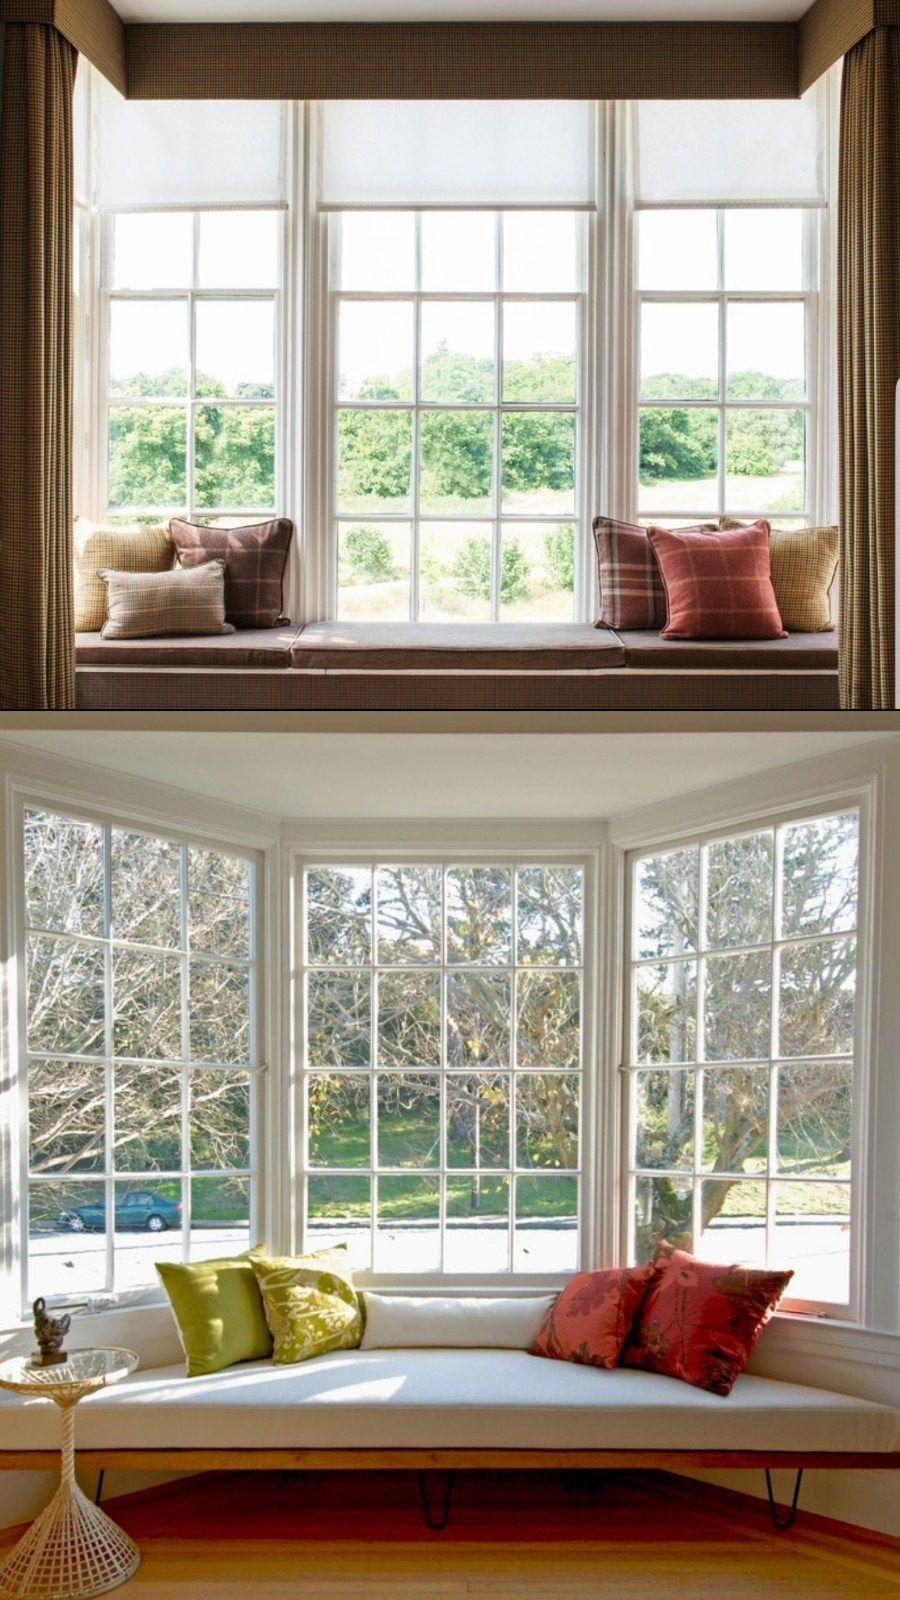 45 Decorative Bay Window Ideas Baywindow Ideas